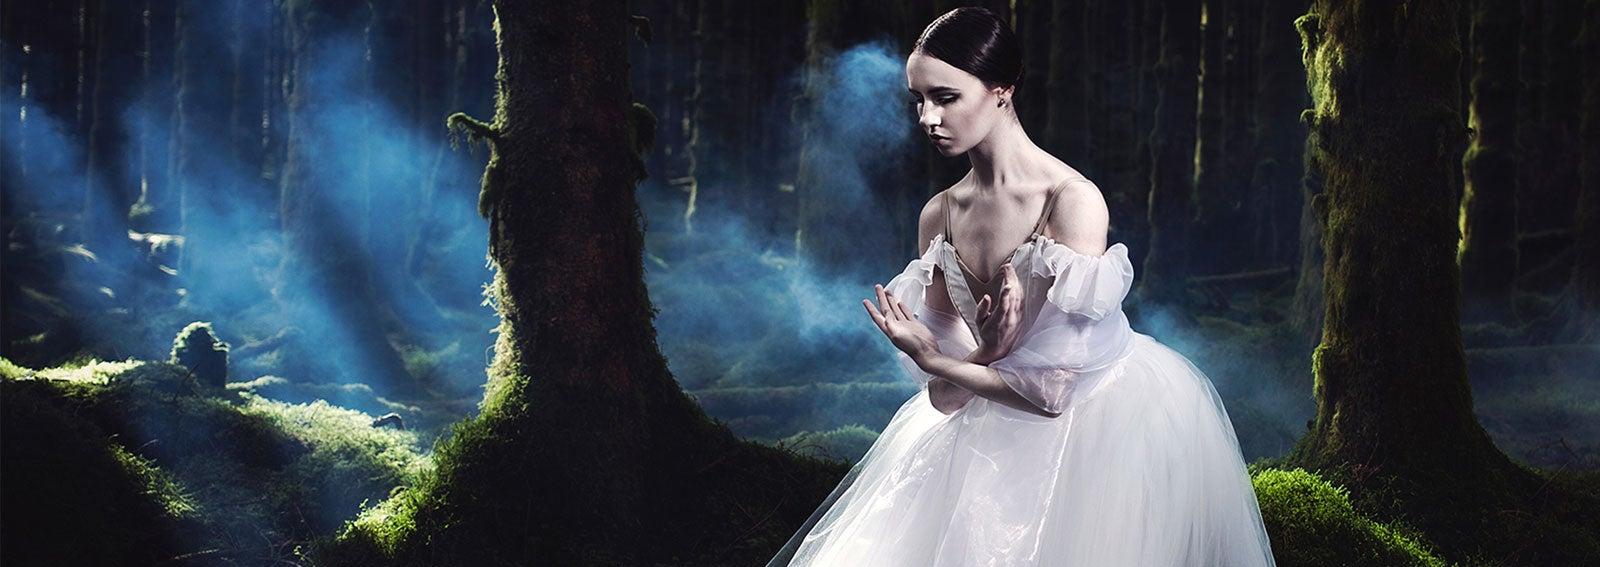 Ballet_West_1600x567.jpg